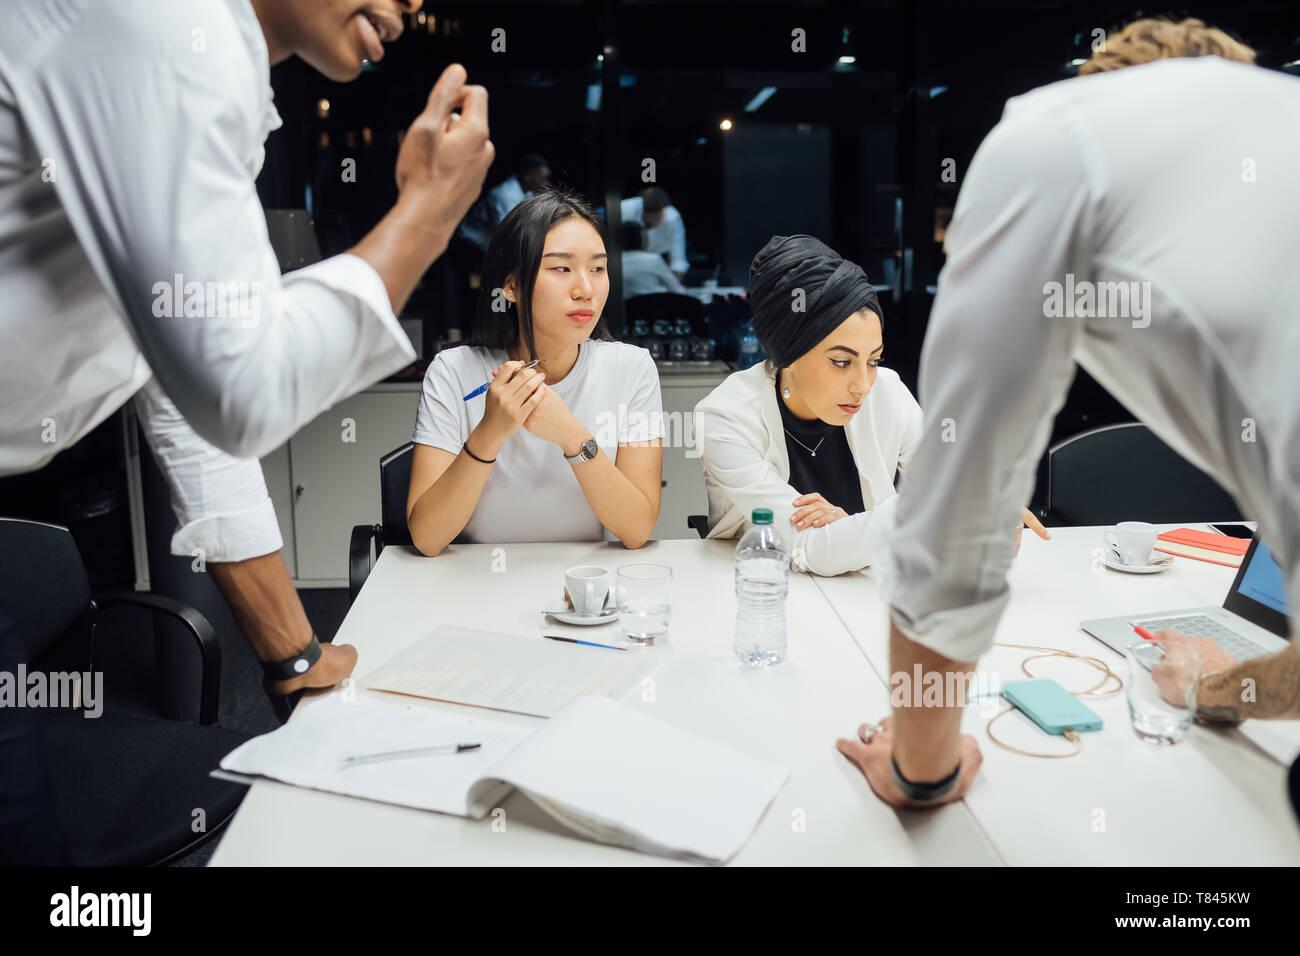 Les hommes et les femmes d'avoir discuté de la réunion de la table de conférence Banque D'Images